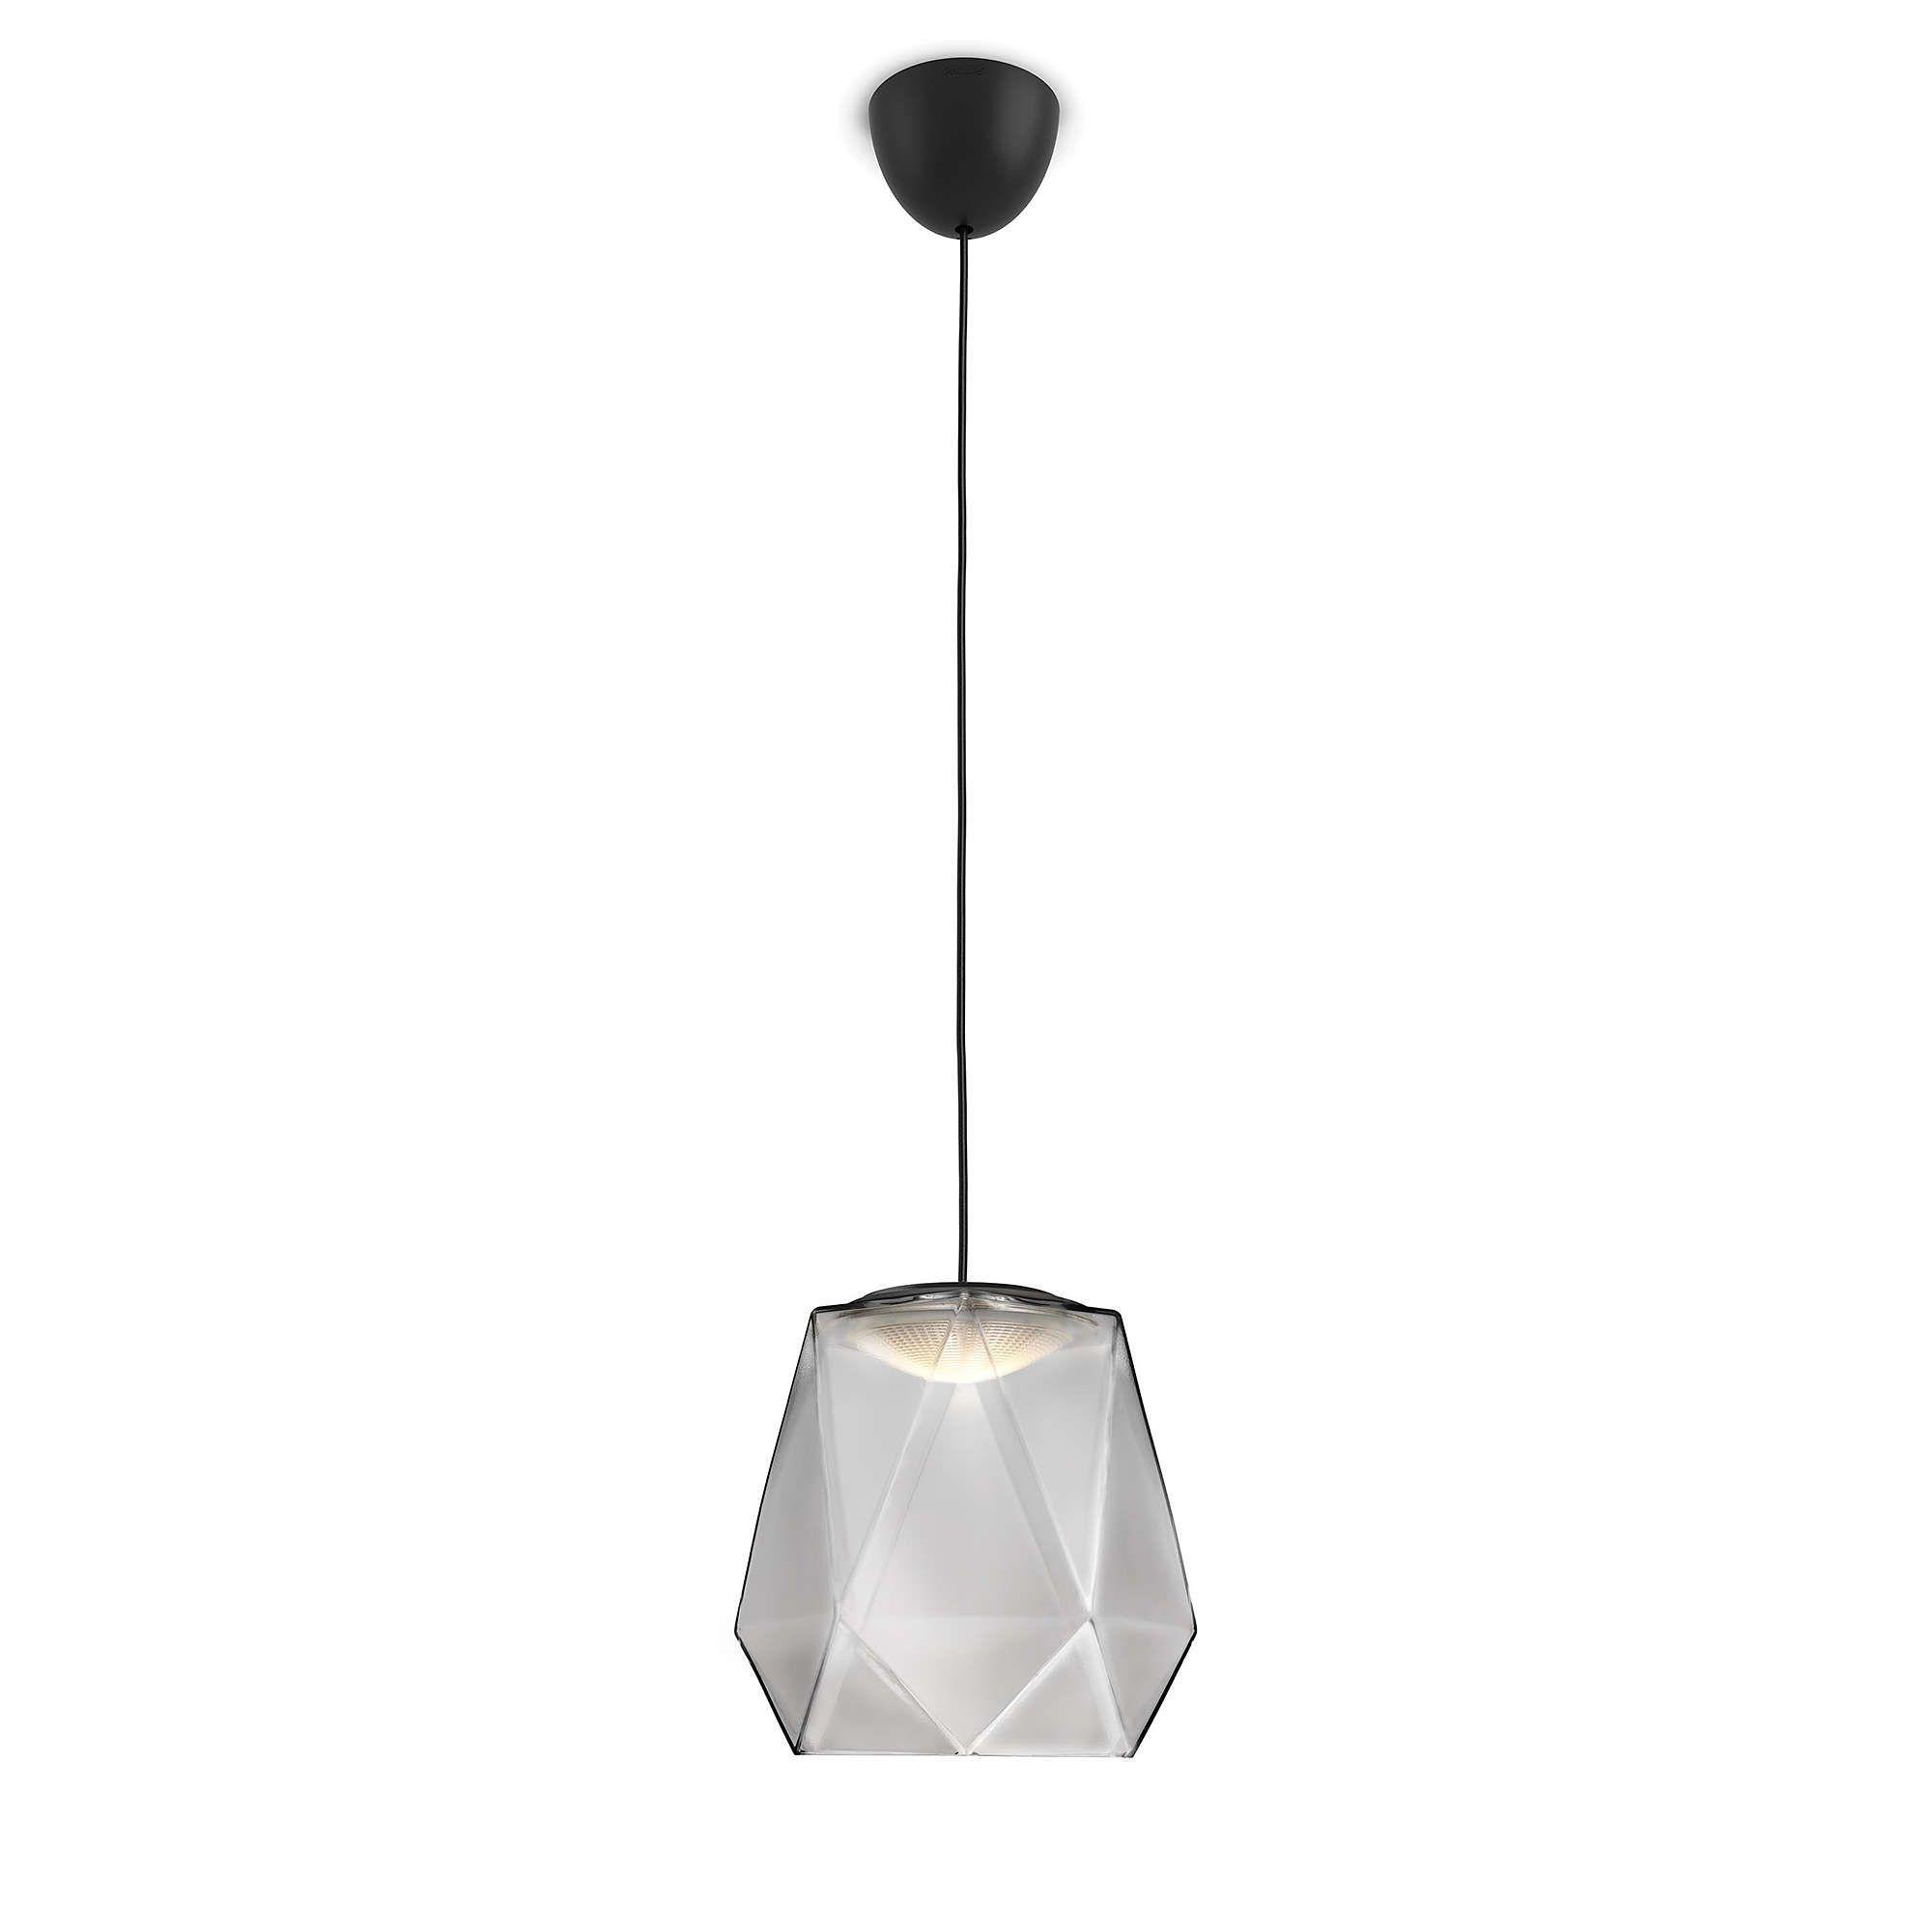 Popular Proizvod iz kategorije Lampe Lusteri visilice proizvo a a Philips boja